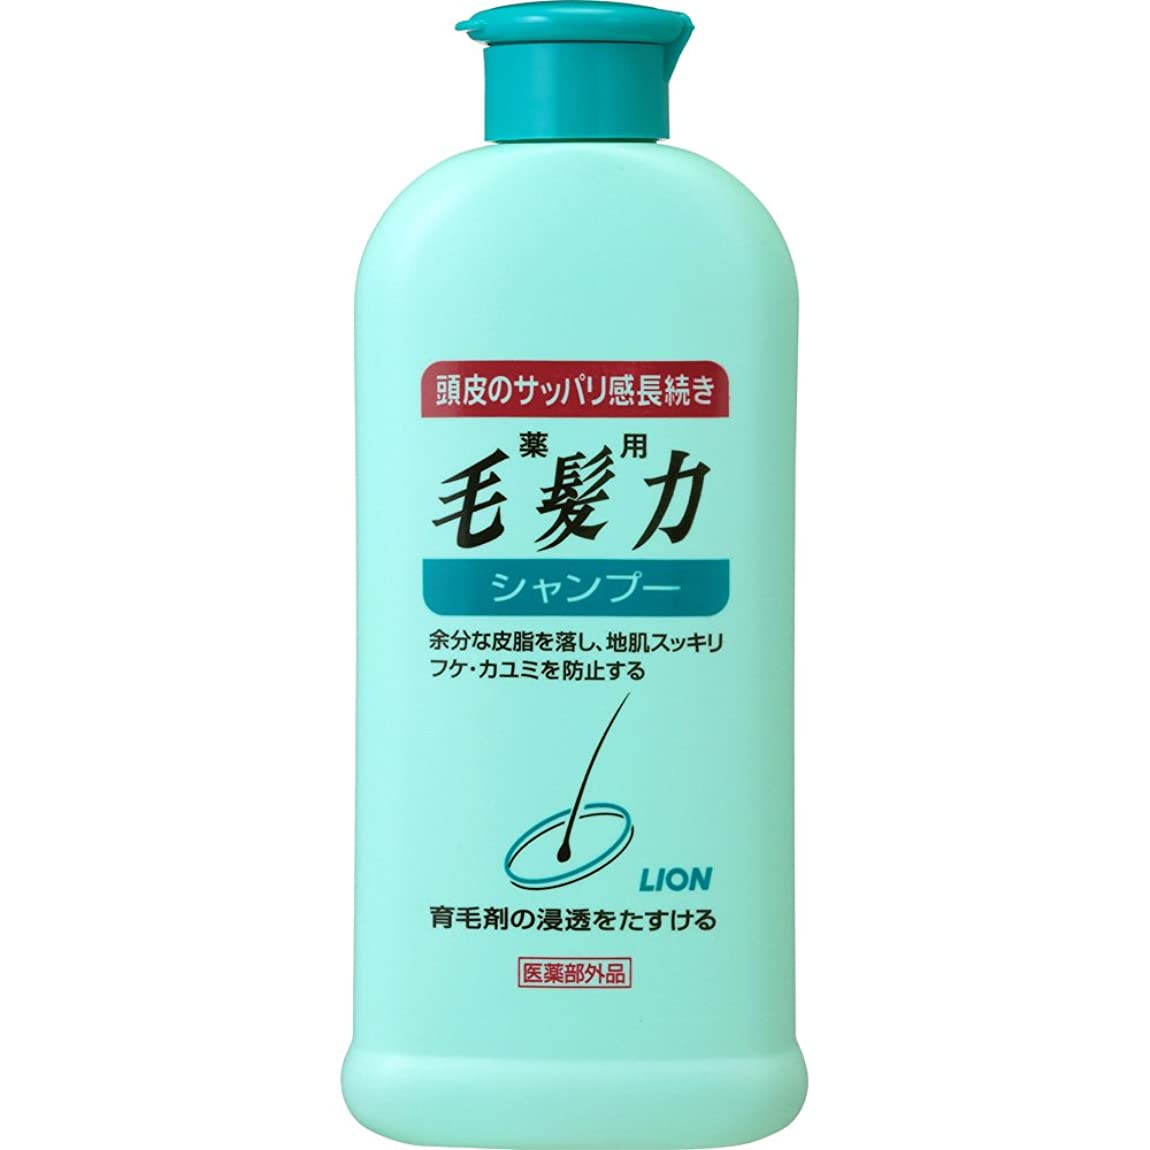 混合した革命因子薬用毛髪力 シャンプー 200ml(医薬部外品)